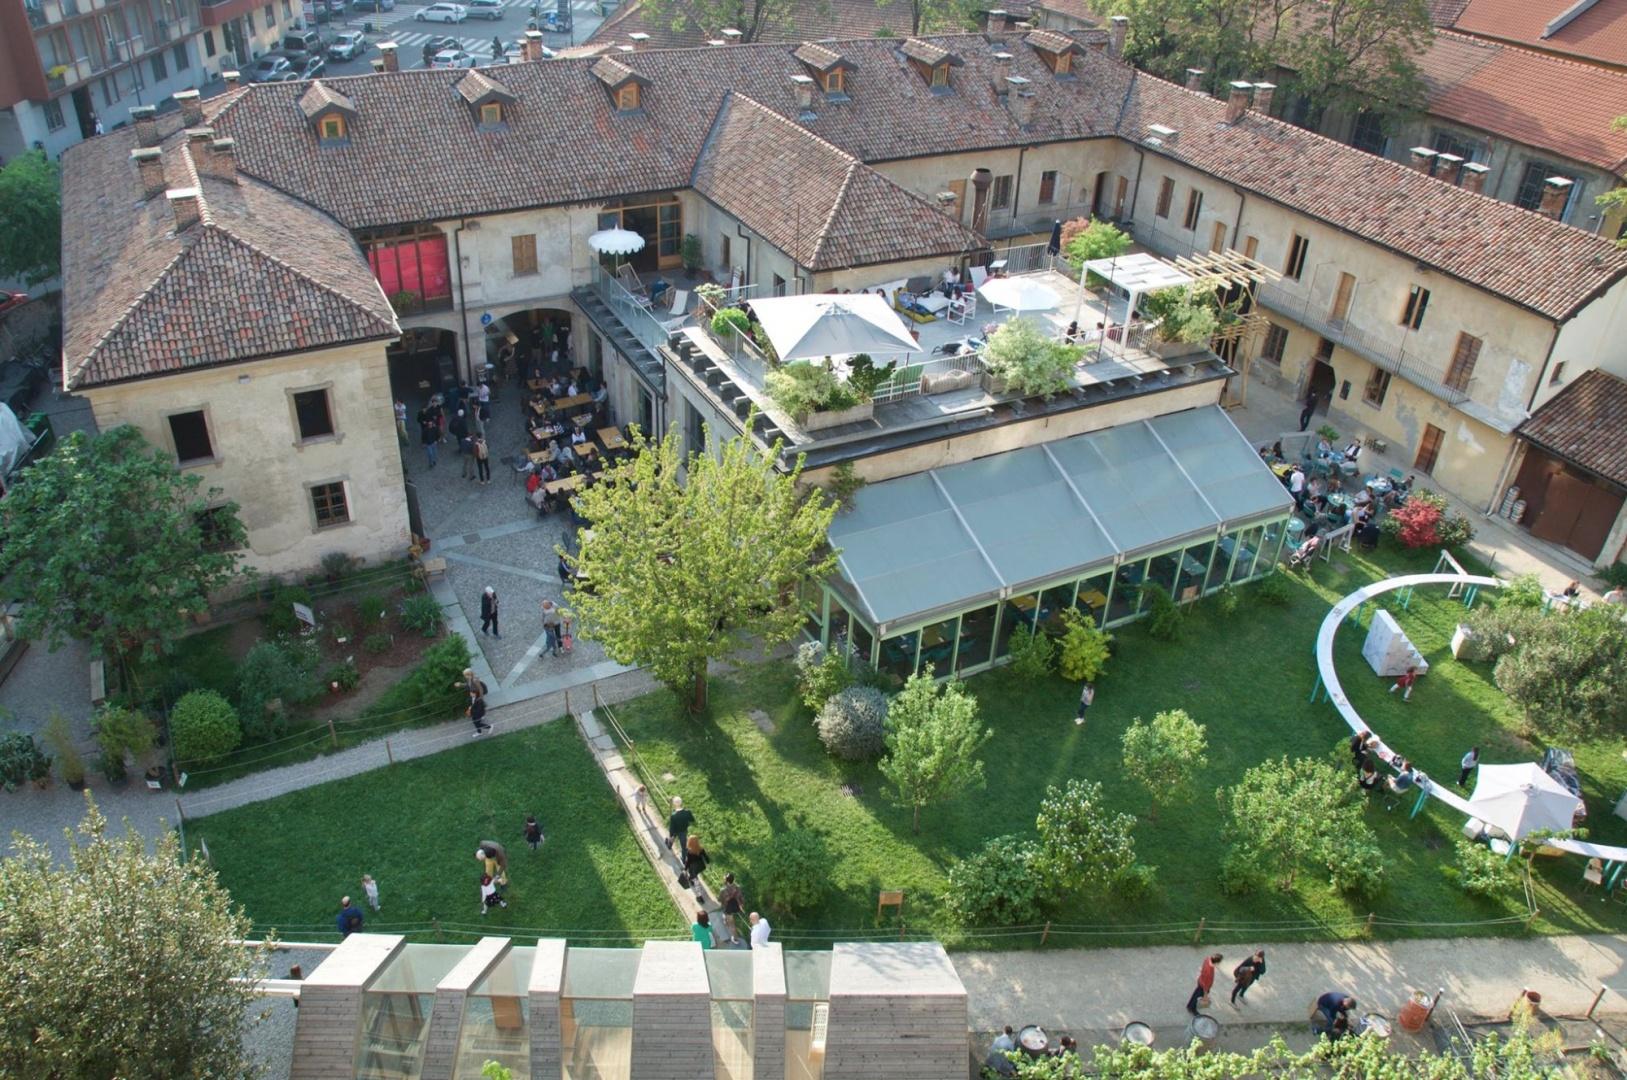 Citylightsnews campus estivo in cascina cuccagna per for La cascina cuccagna milano